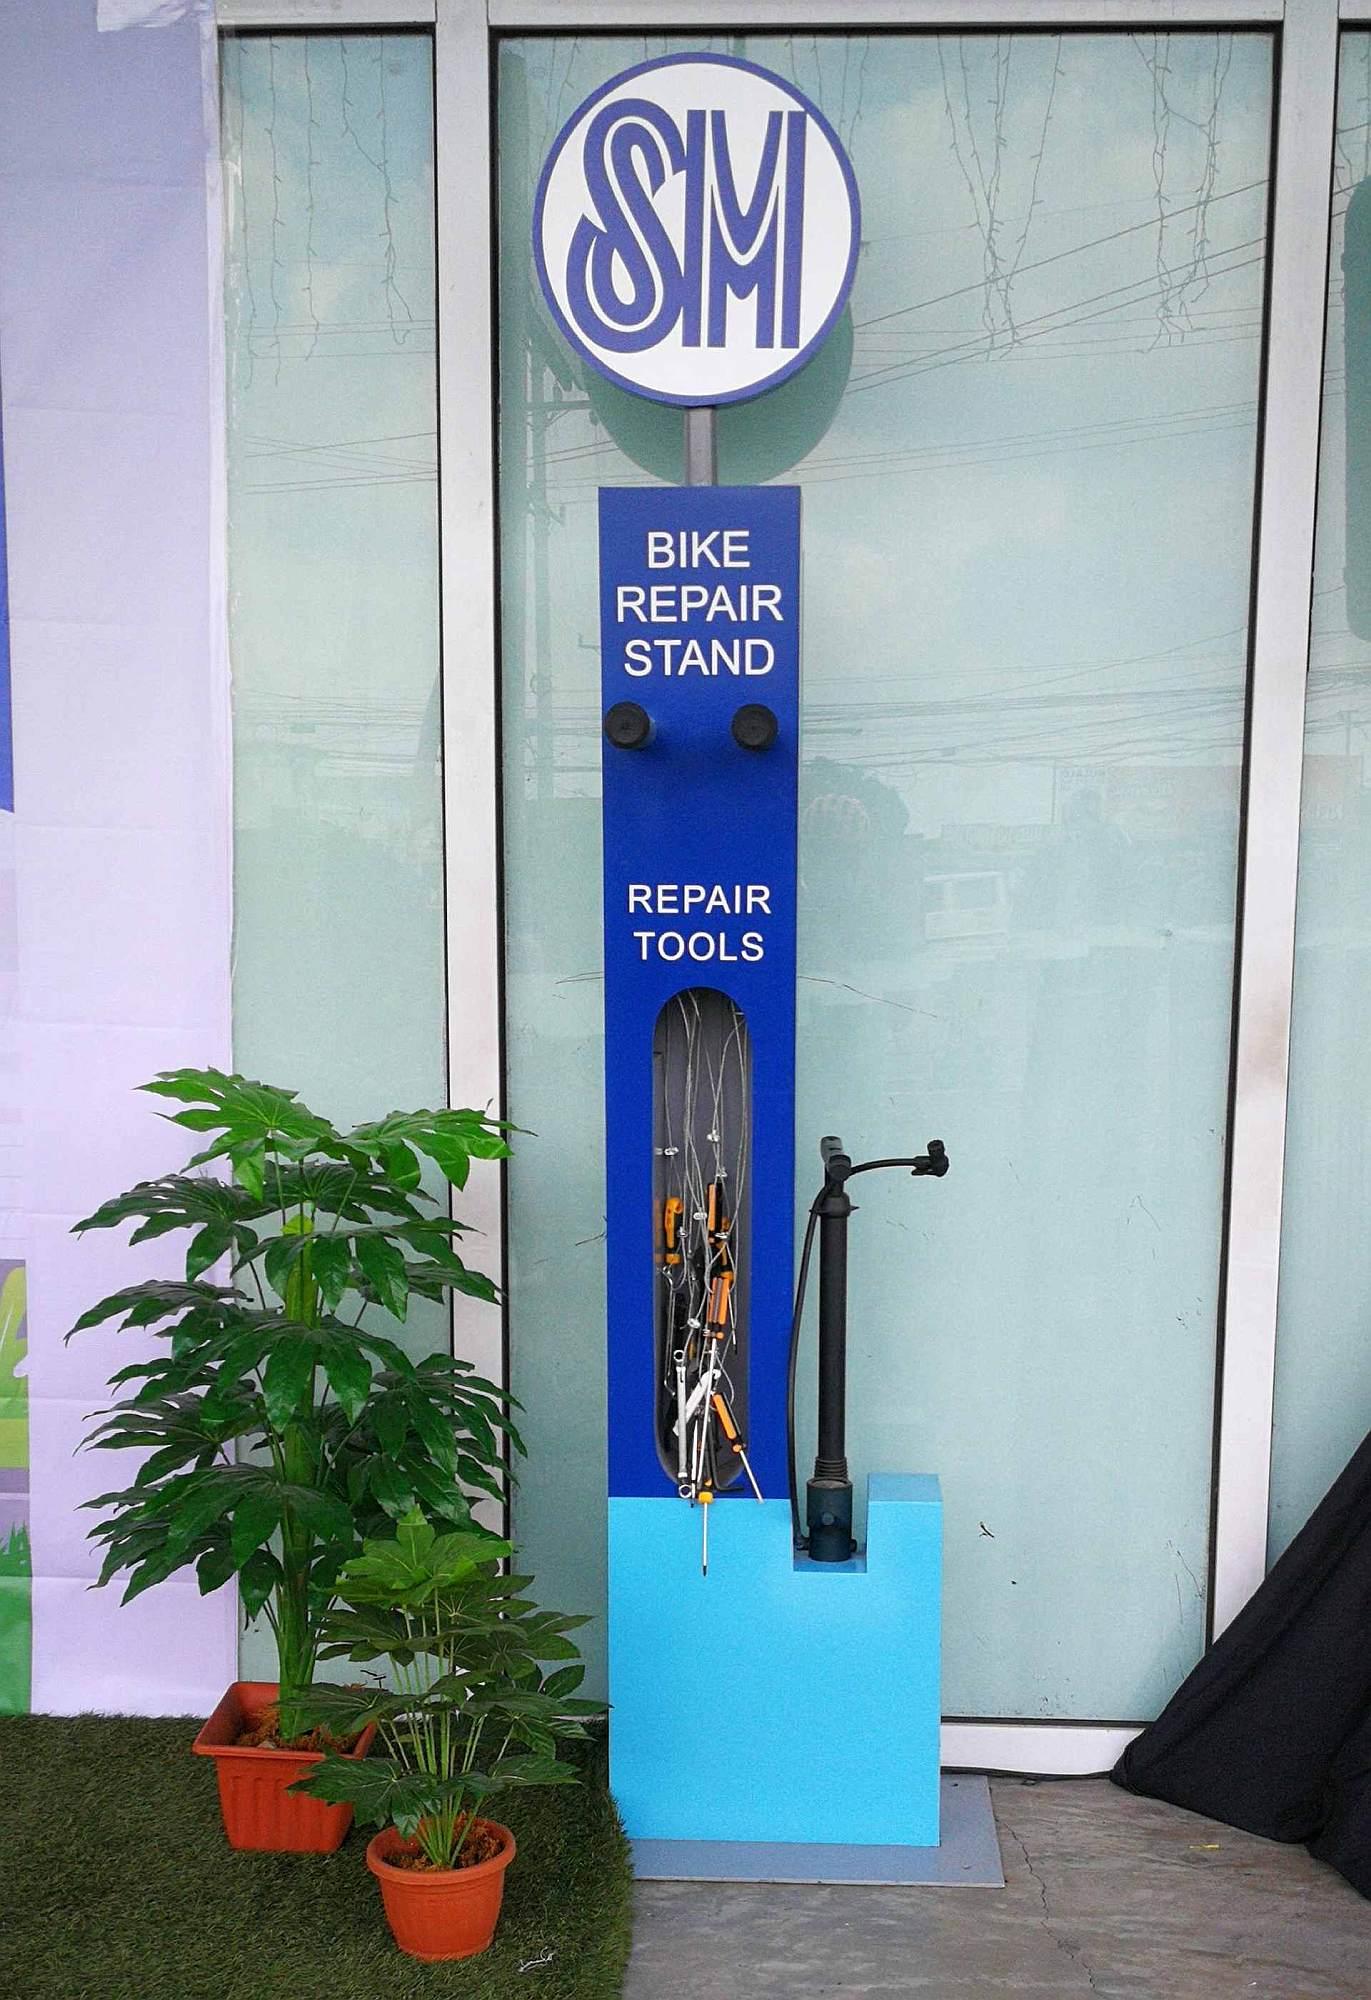 SM Bike repair stand